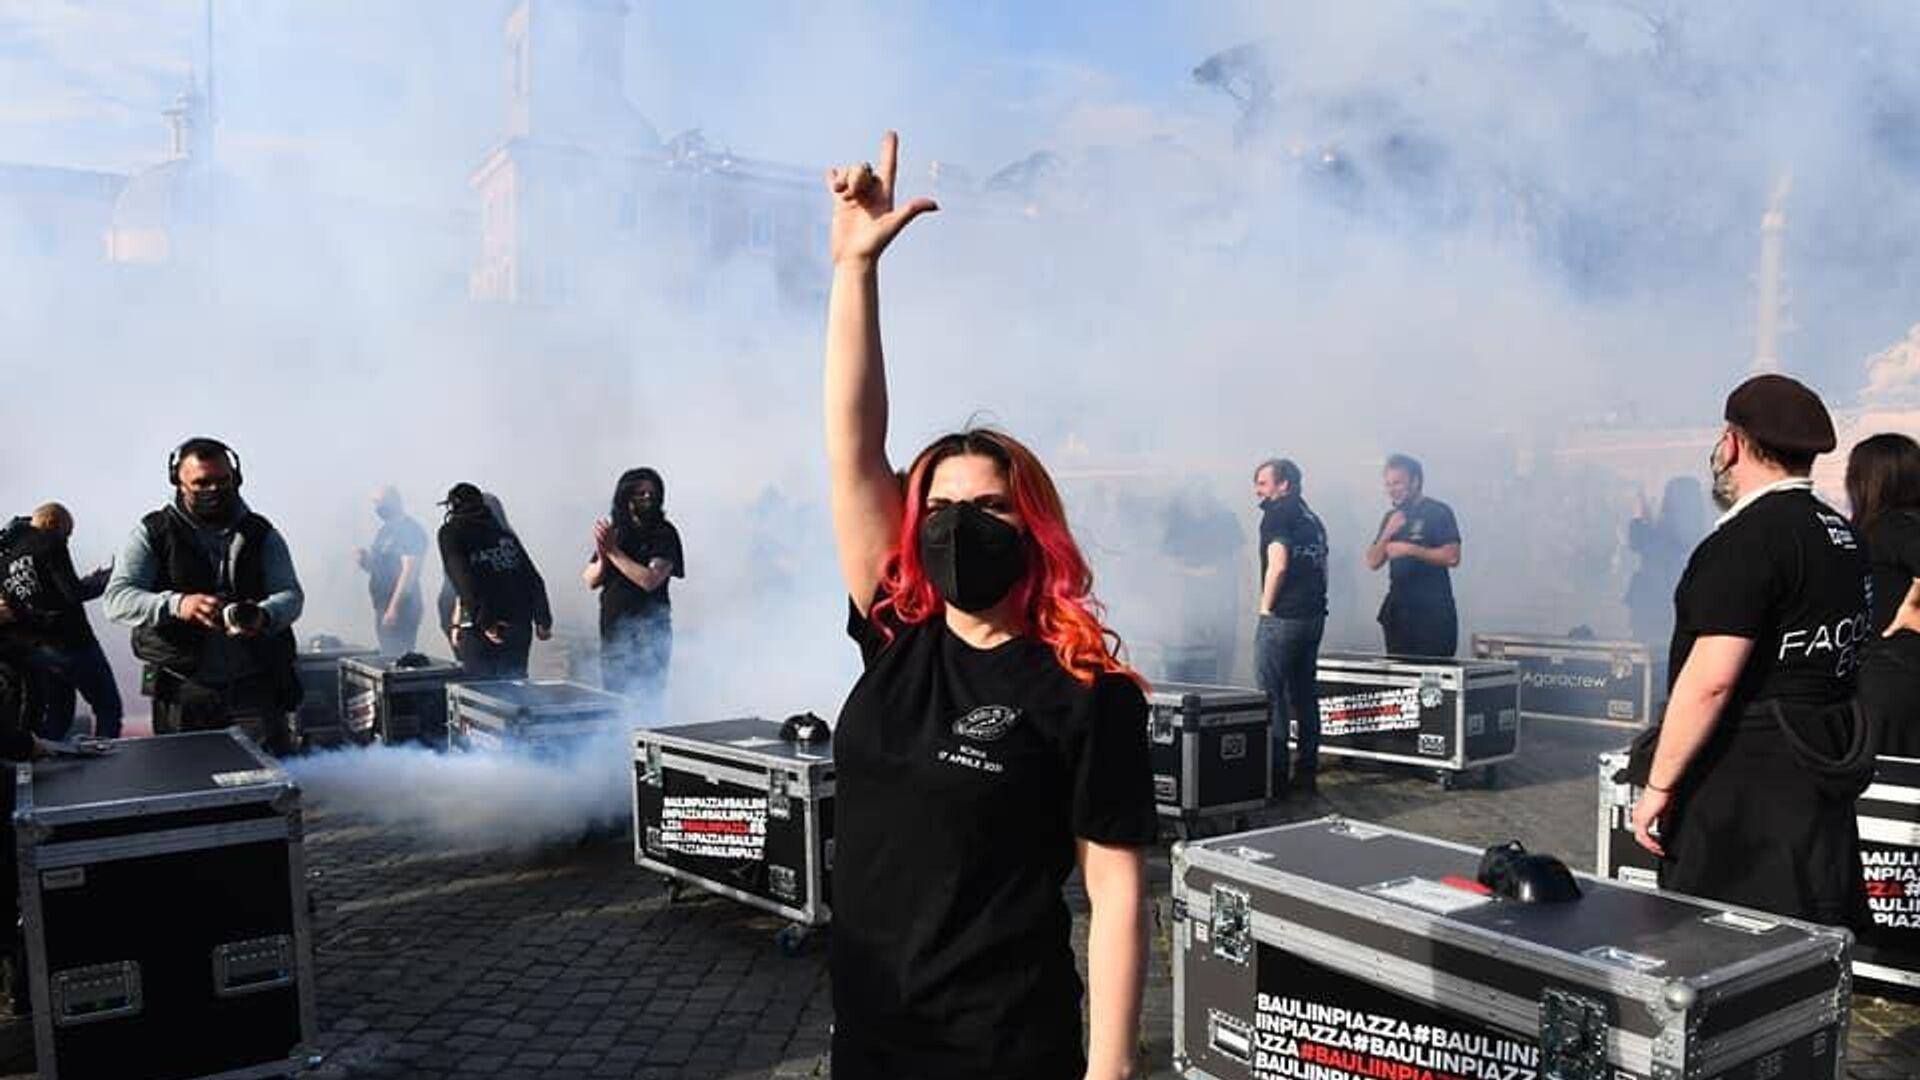 La protesta dei bauli in piazza - Sputnik Italia, 1920, 04.06.2021